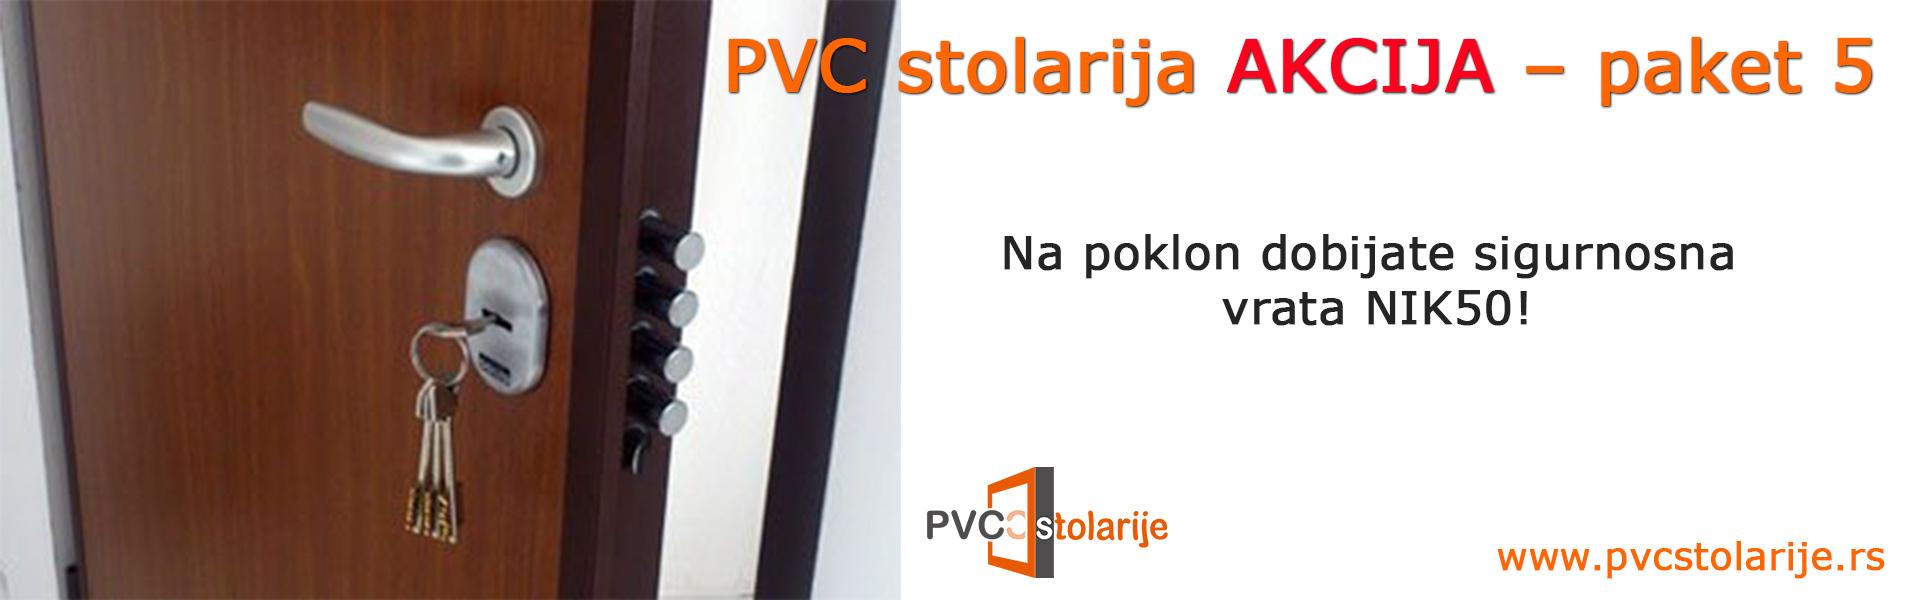 PVC stolarija akcija – paket 5 - PVC Stolarije Tim